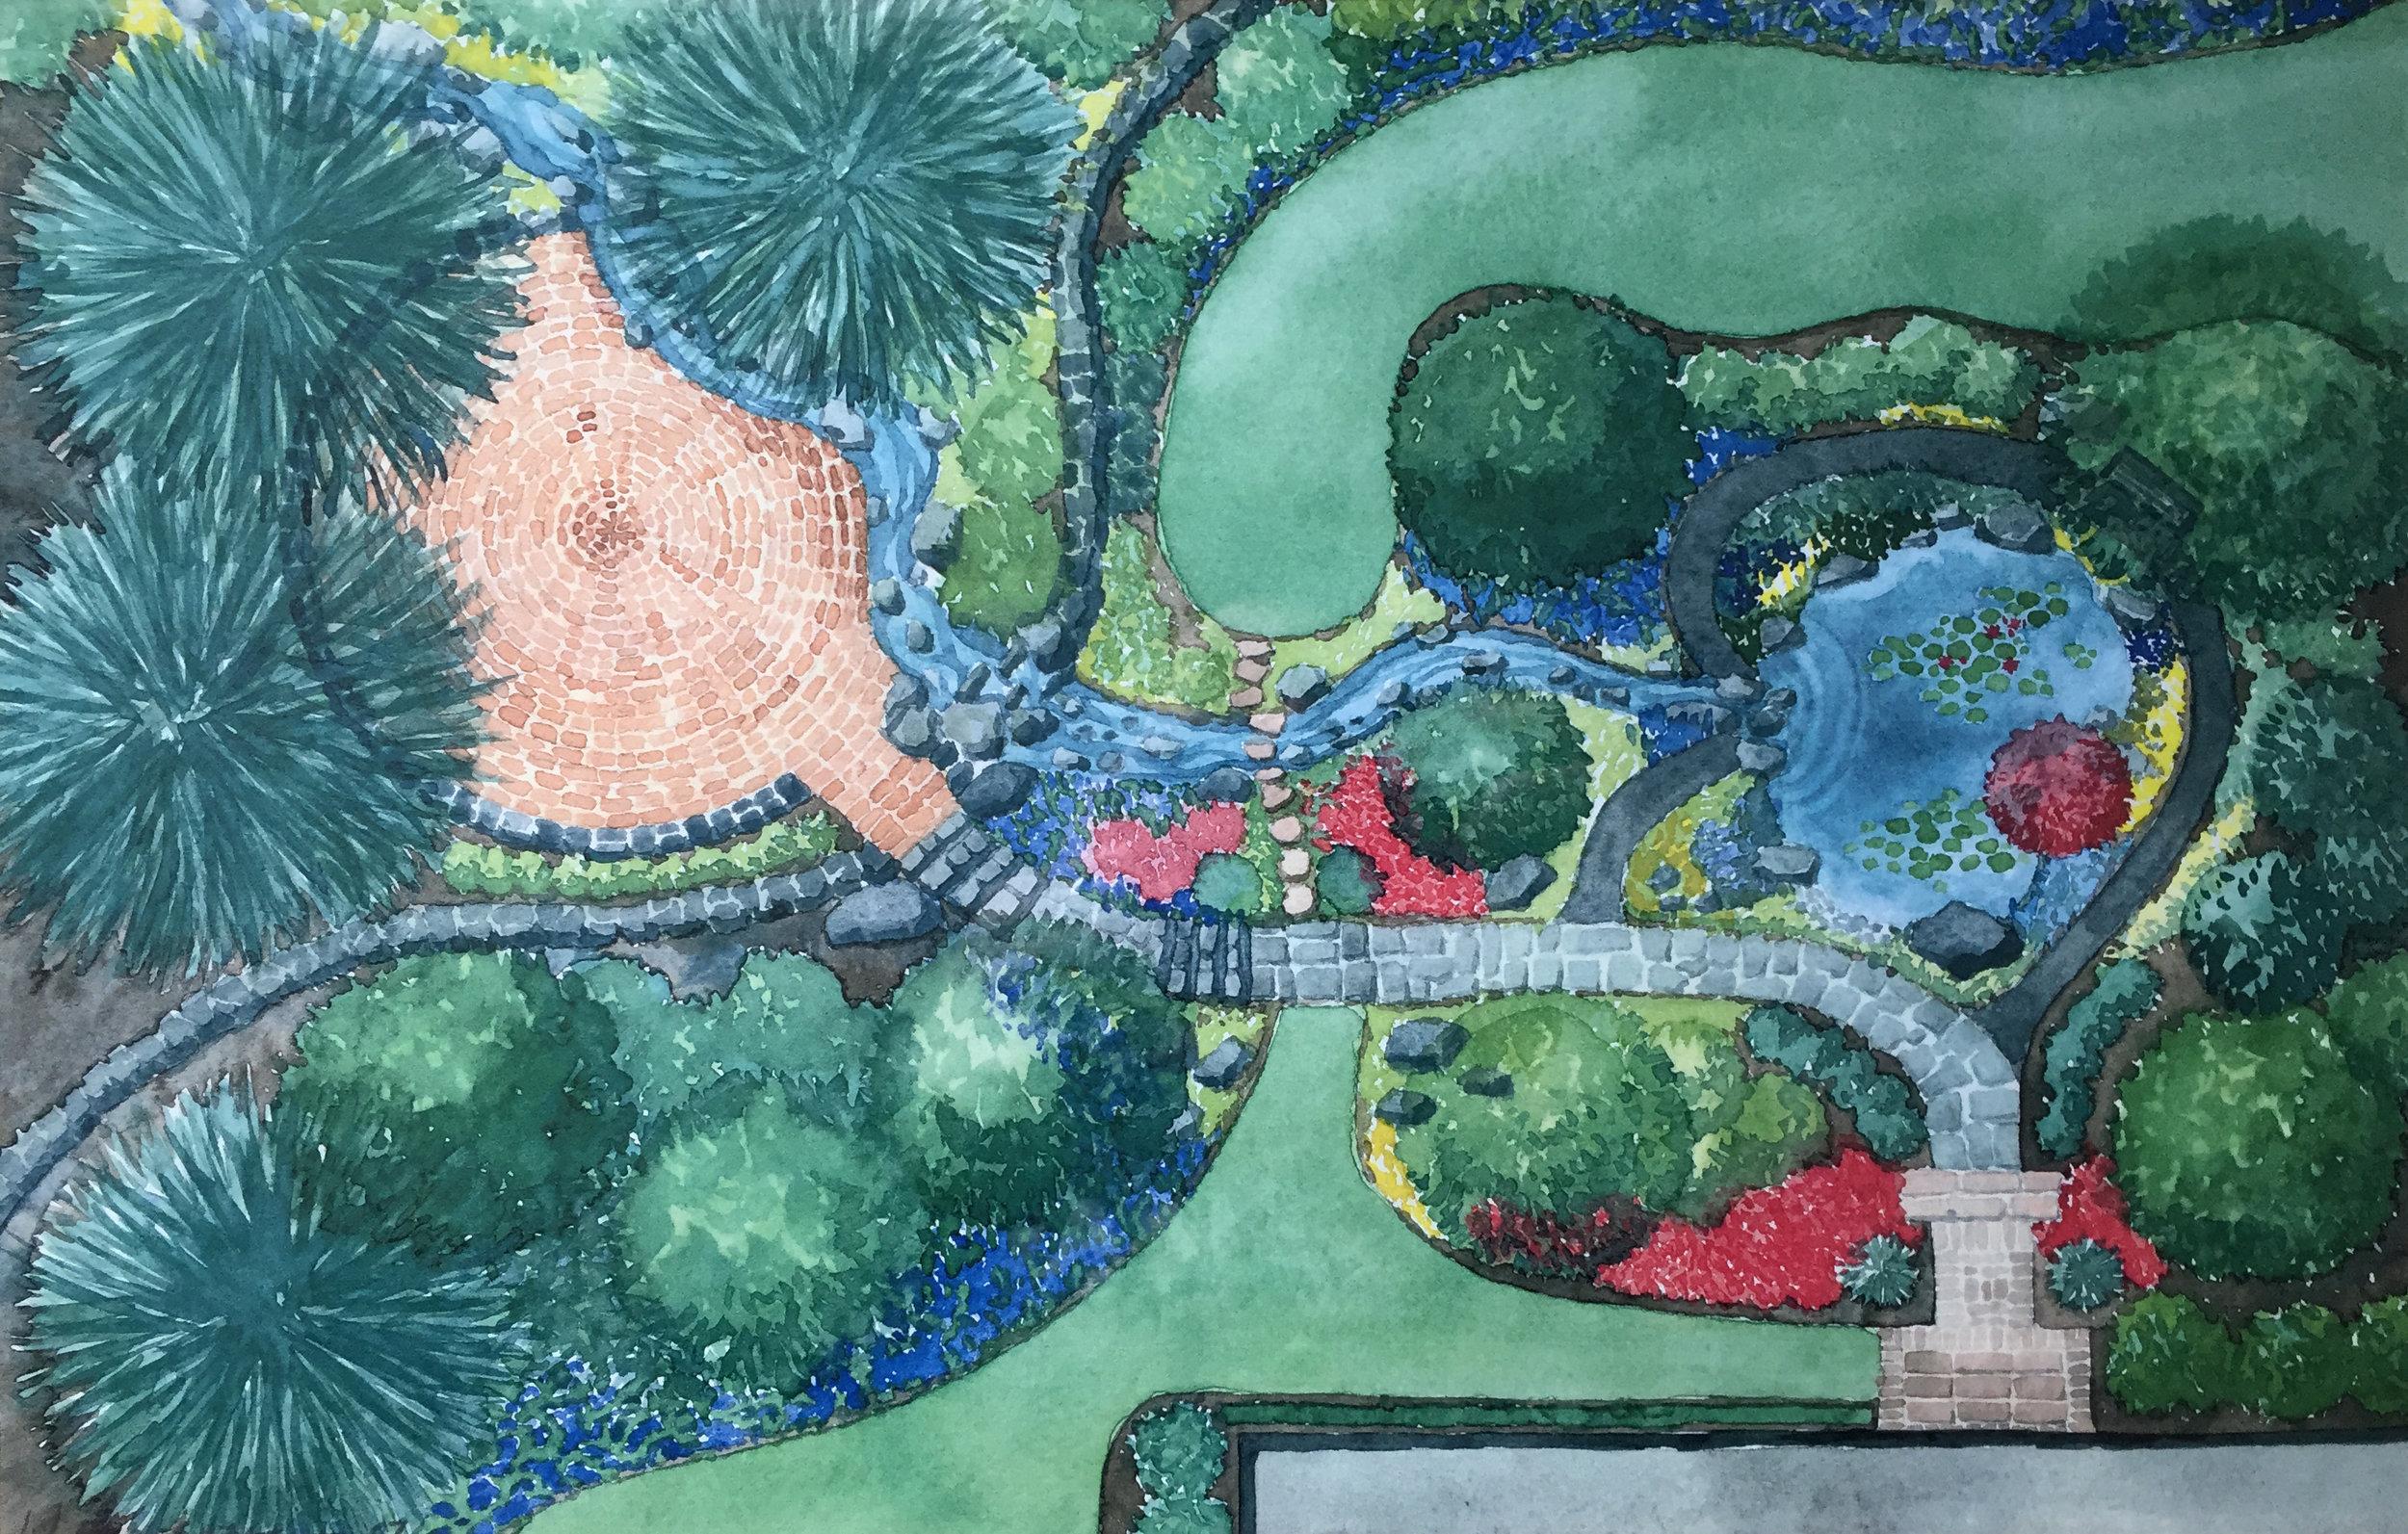 04-25-2017 Bill's Landscape Artwork-edit.JPG